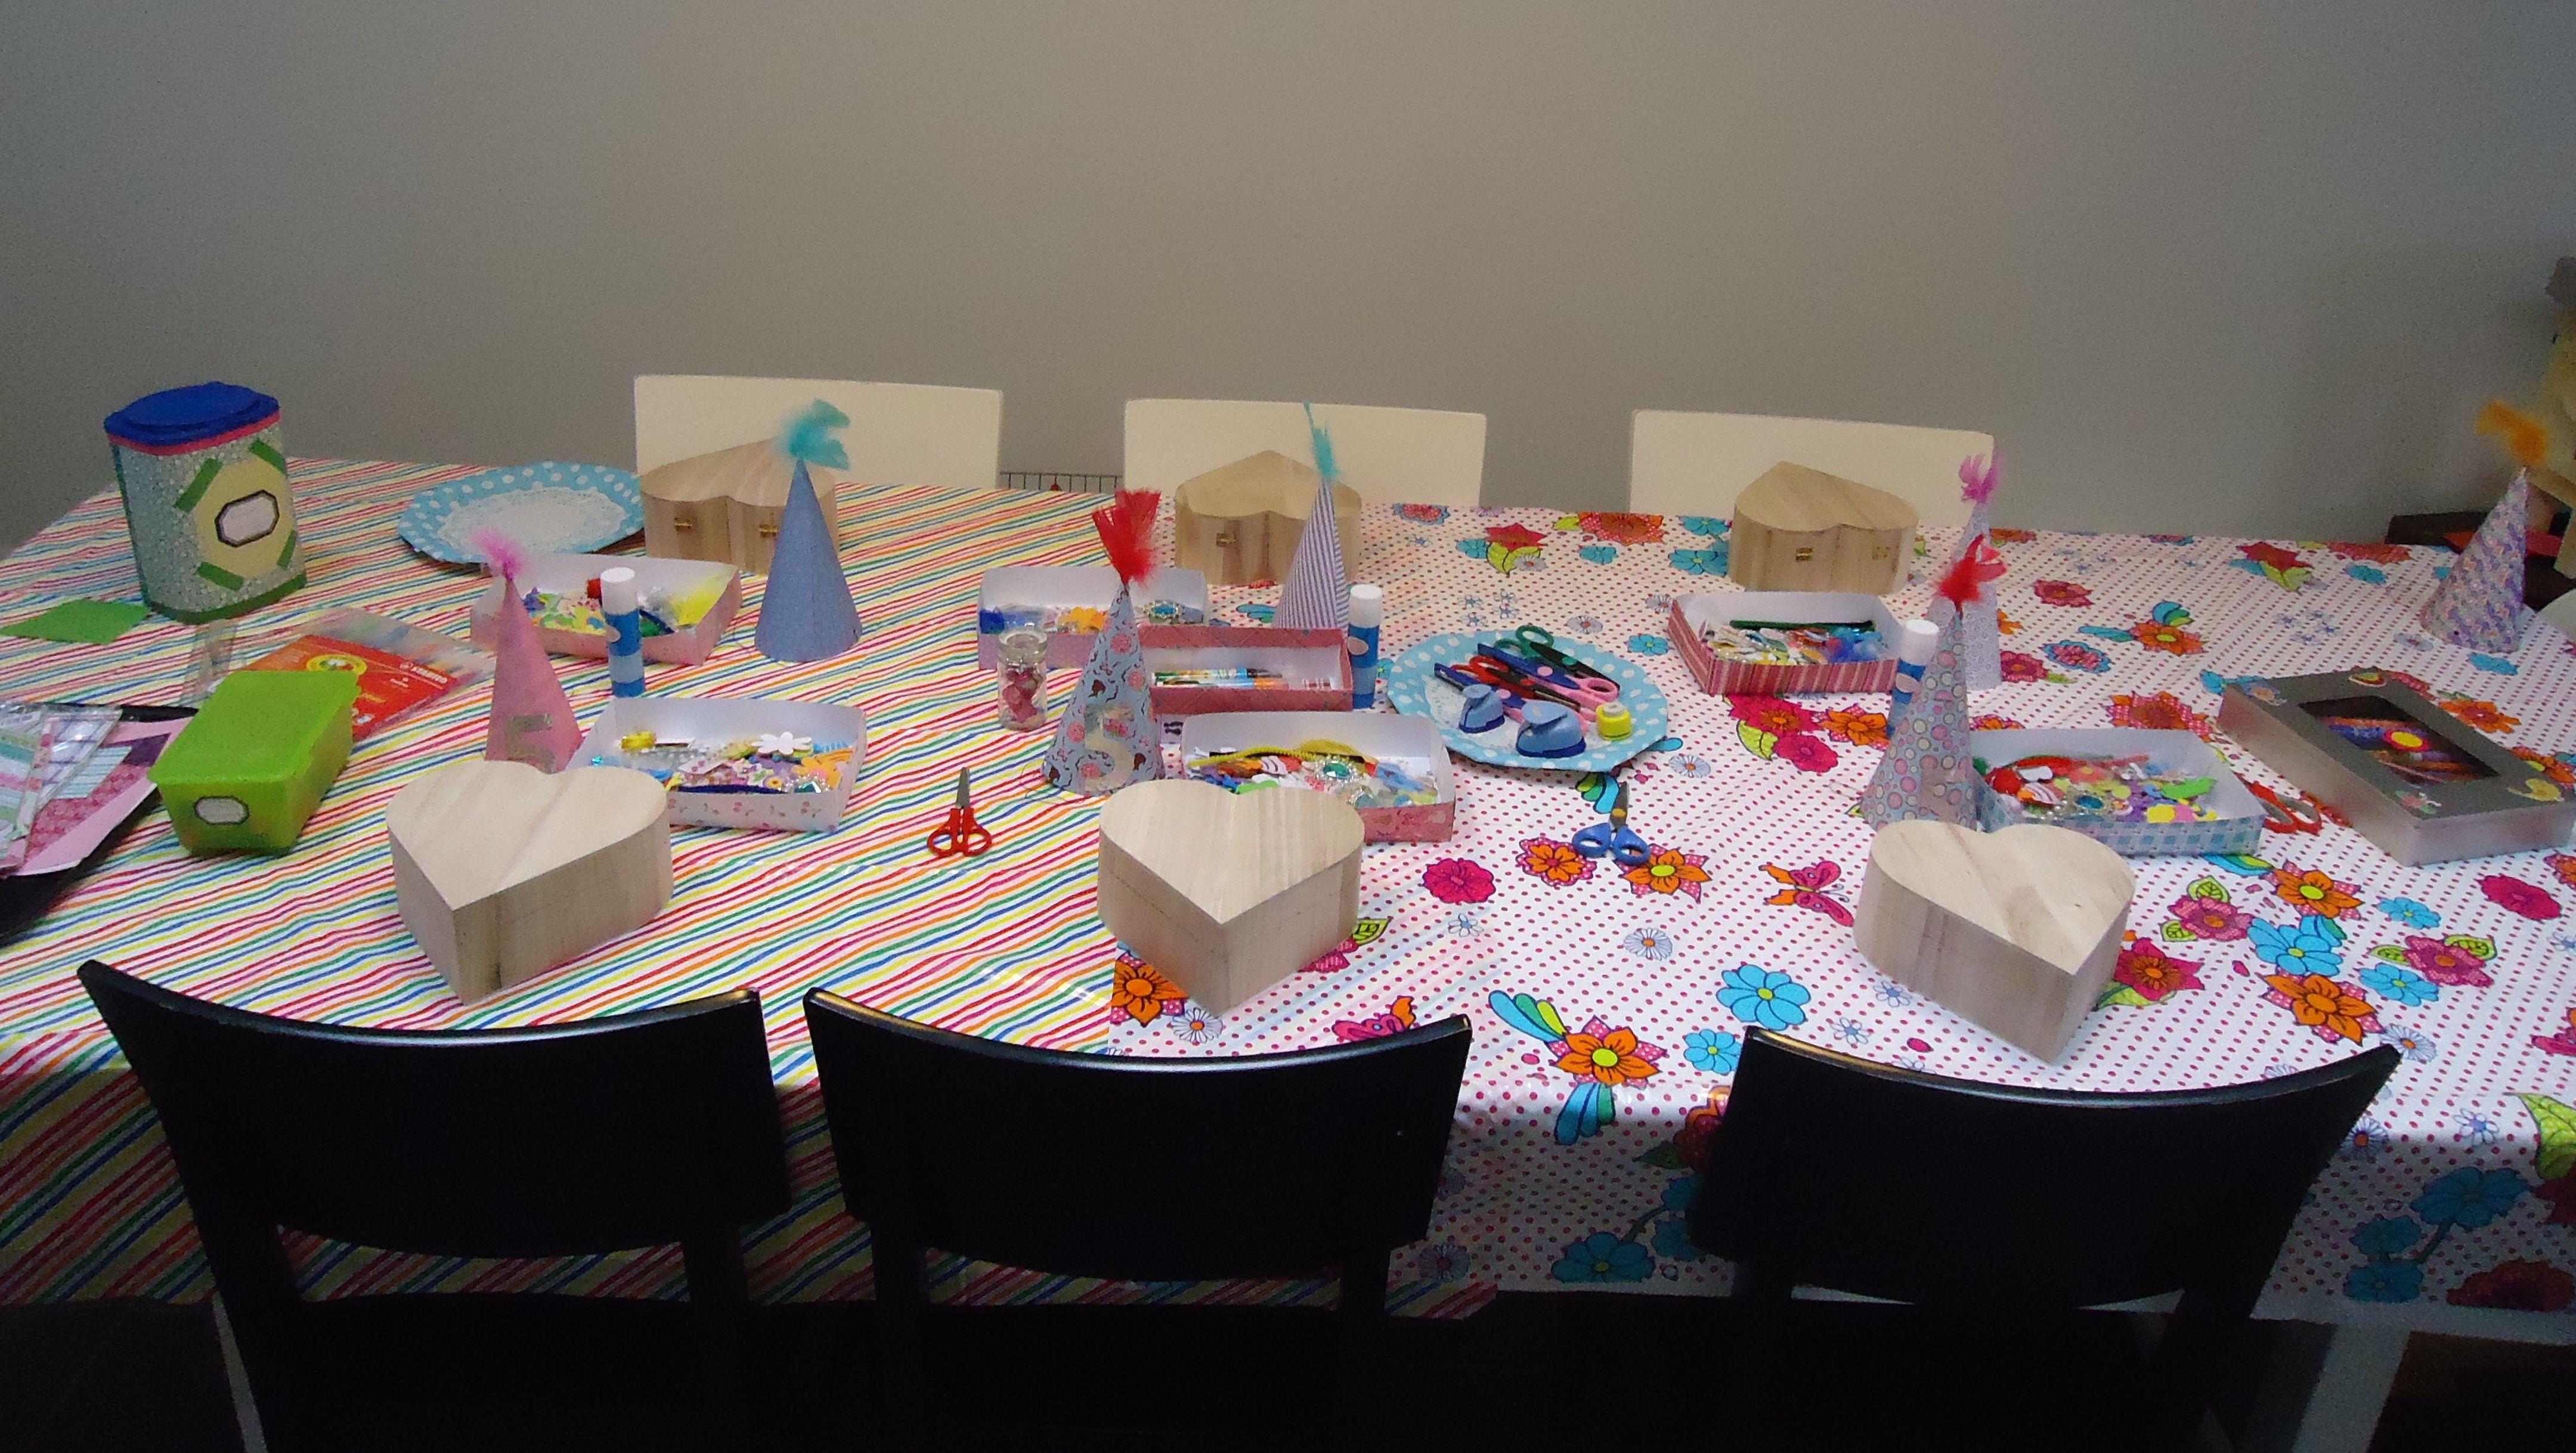 Diy verjaardag knutselfeest tafel kinderpartijtje maud for Decoratie verjaardag